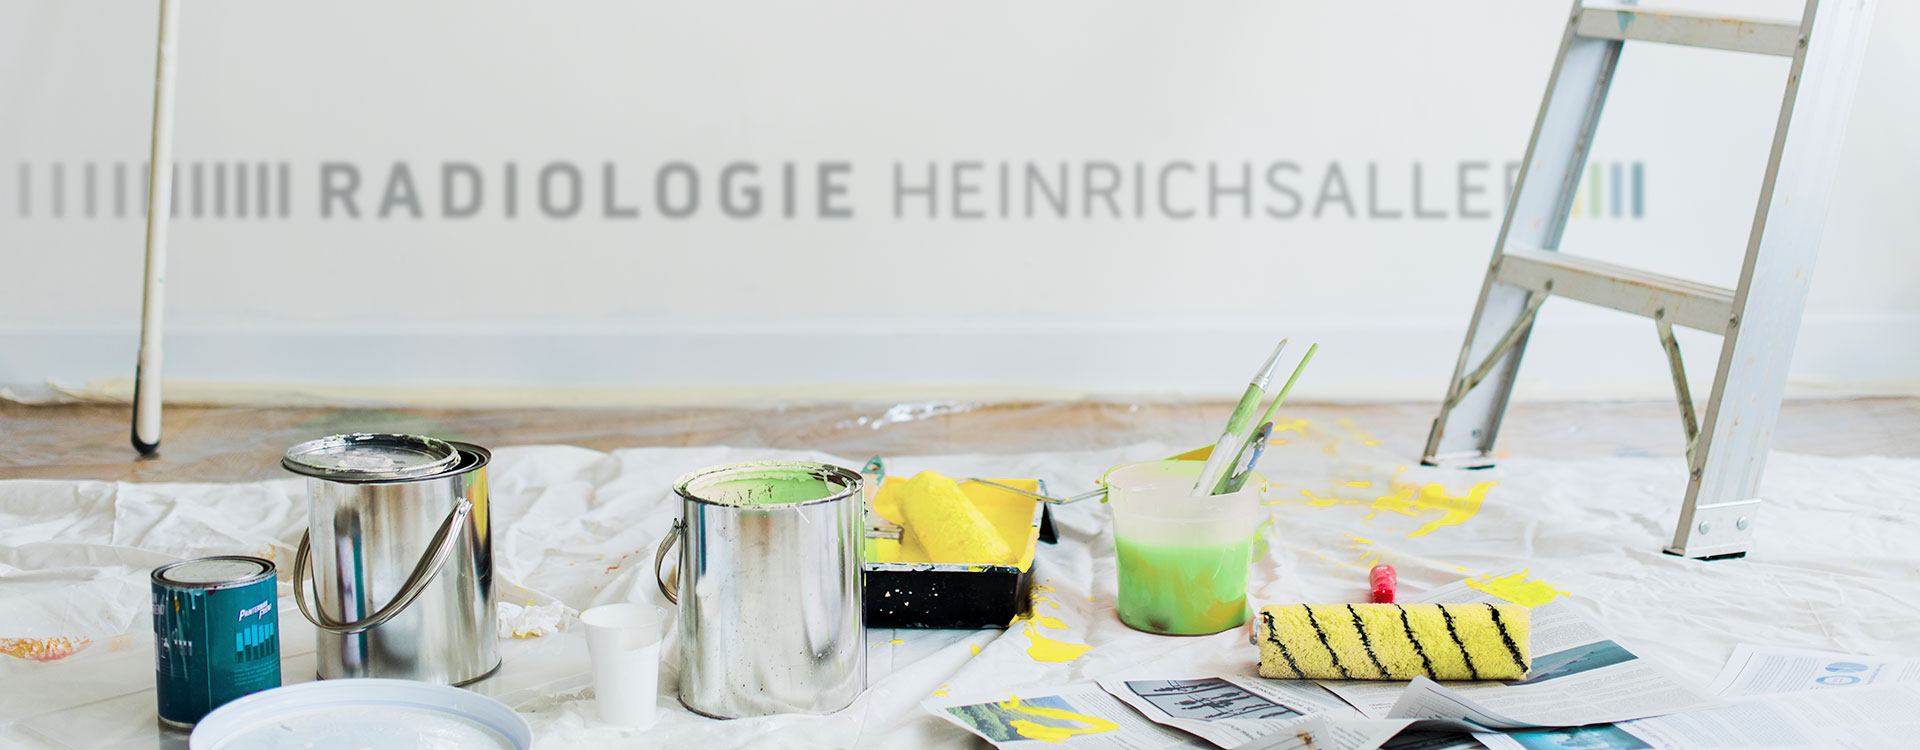 News | Radiologie Heinrichsallee | Ein schöner Empfang!